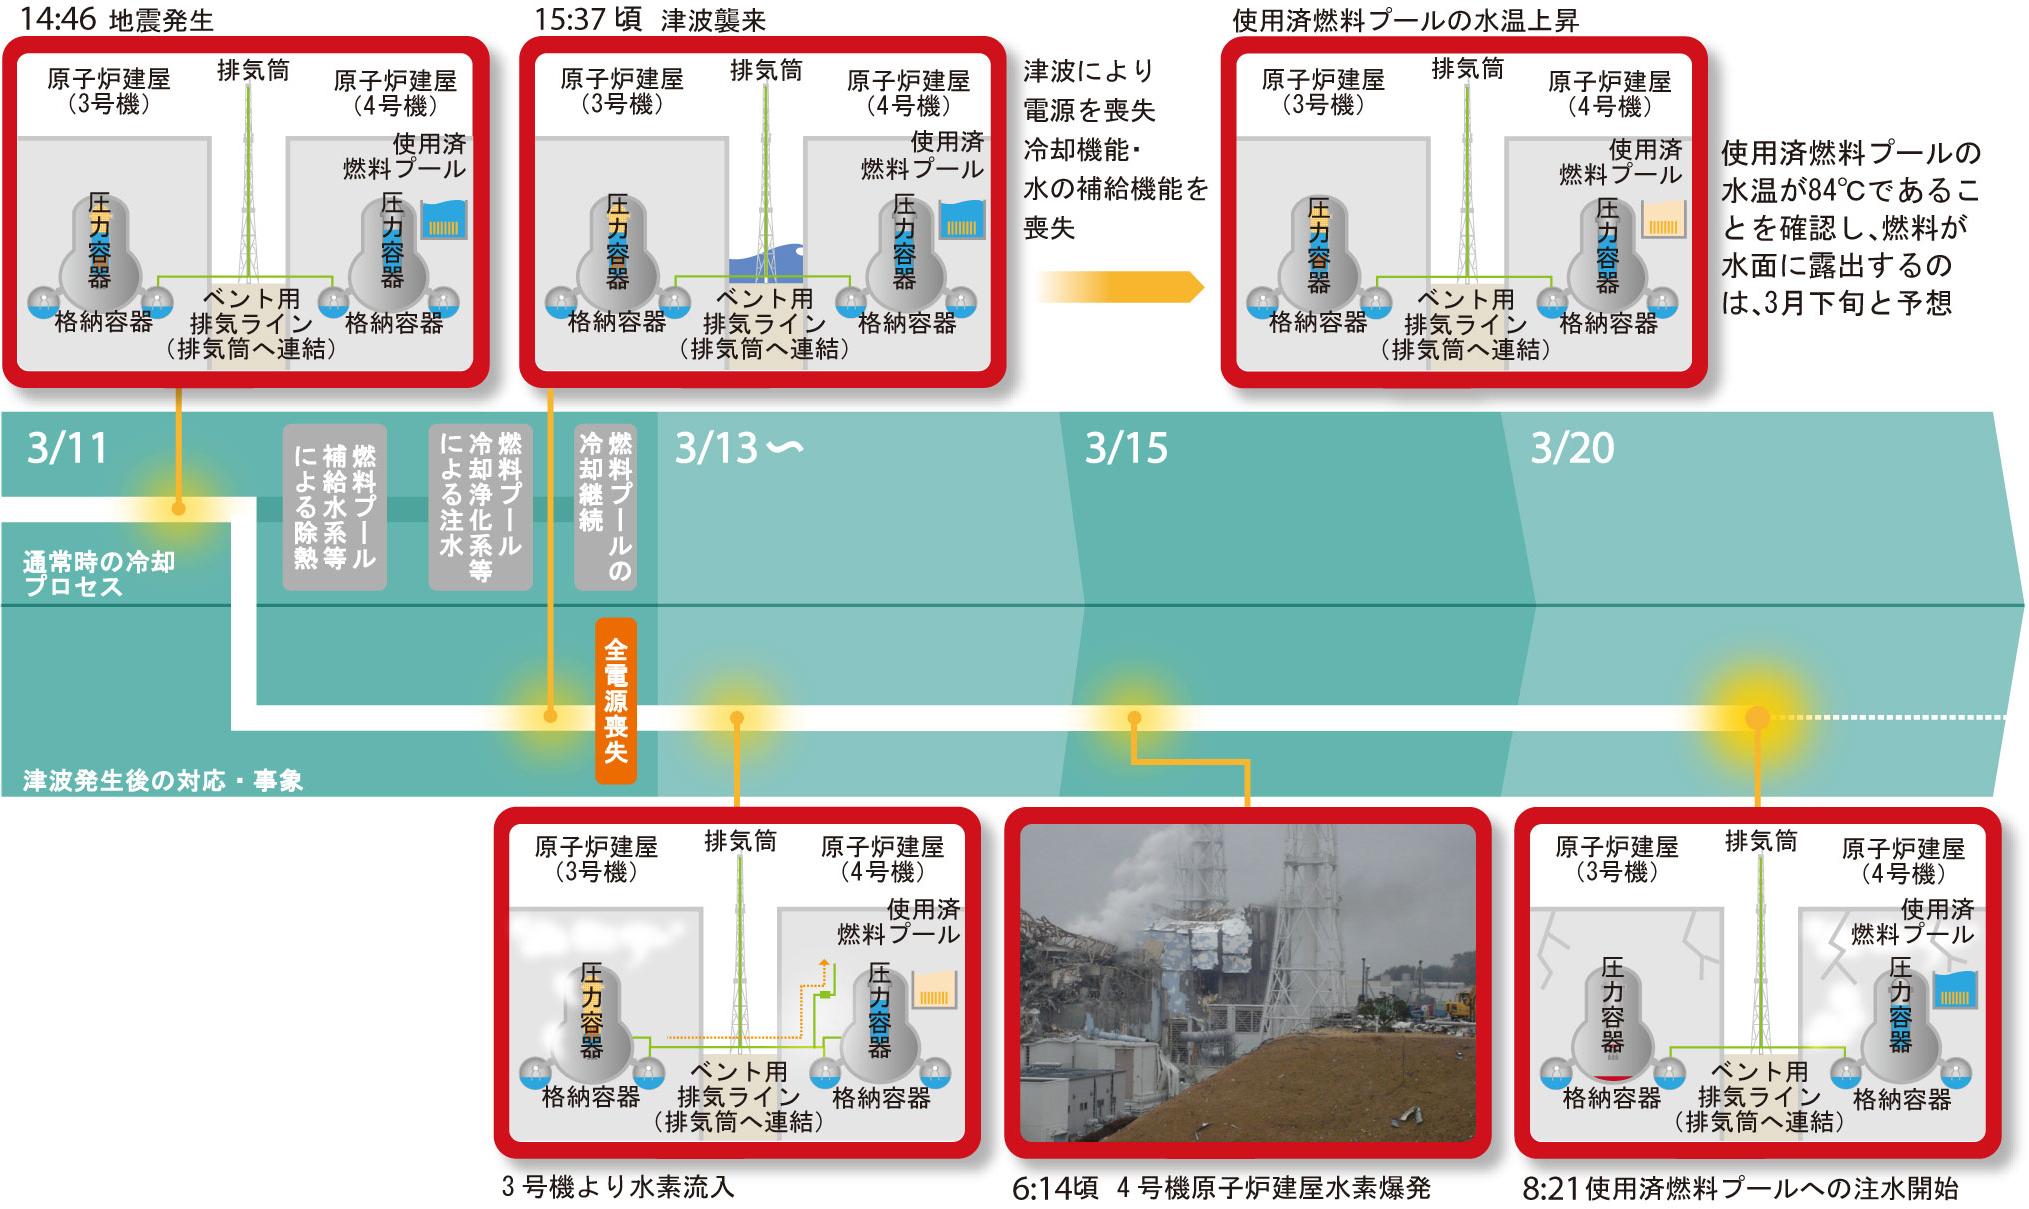 原子炉建屋内の変化(4号機) 拡大して表示する 前へ 目次     4号機の事故の経過|福島第一